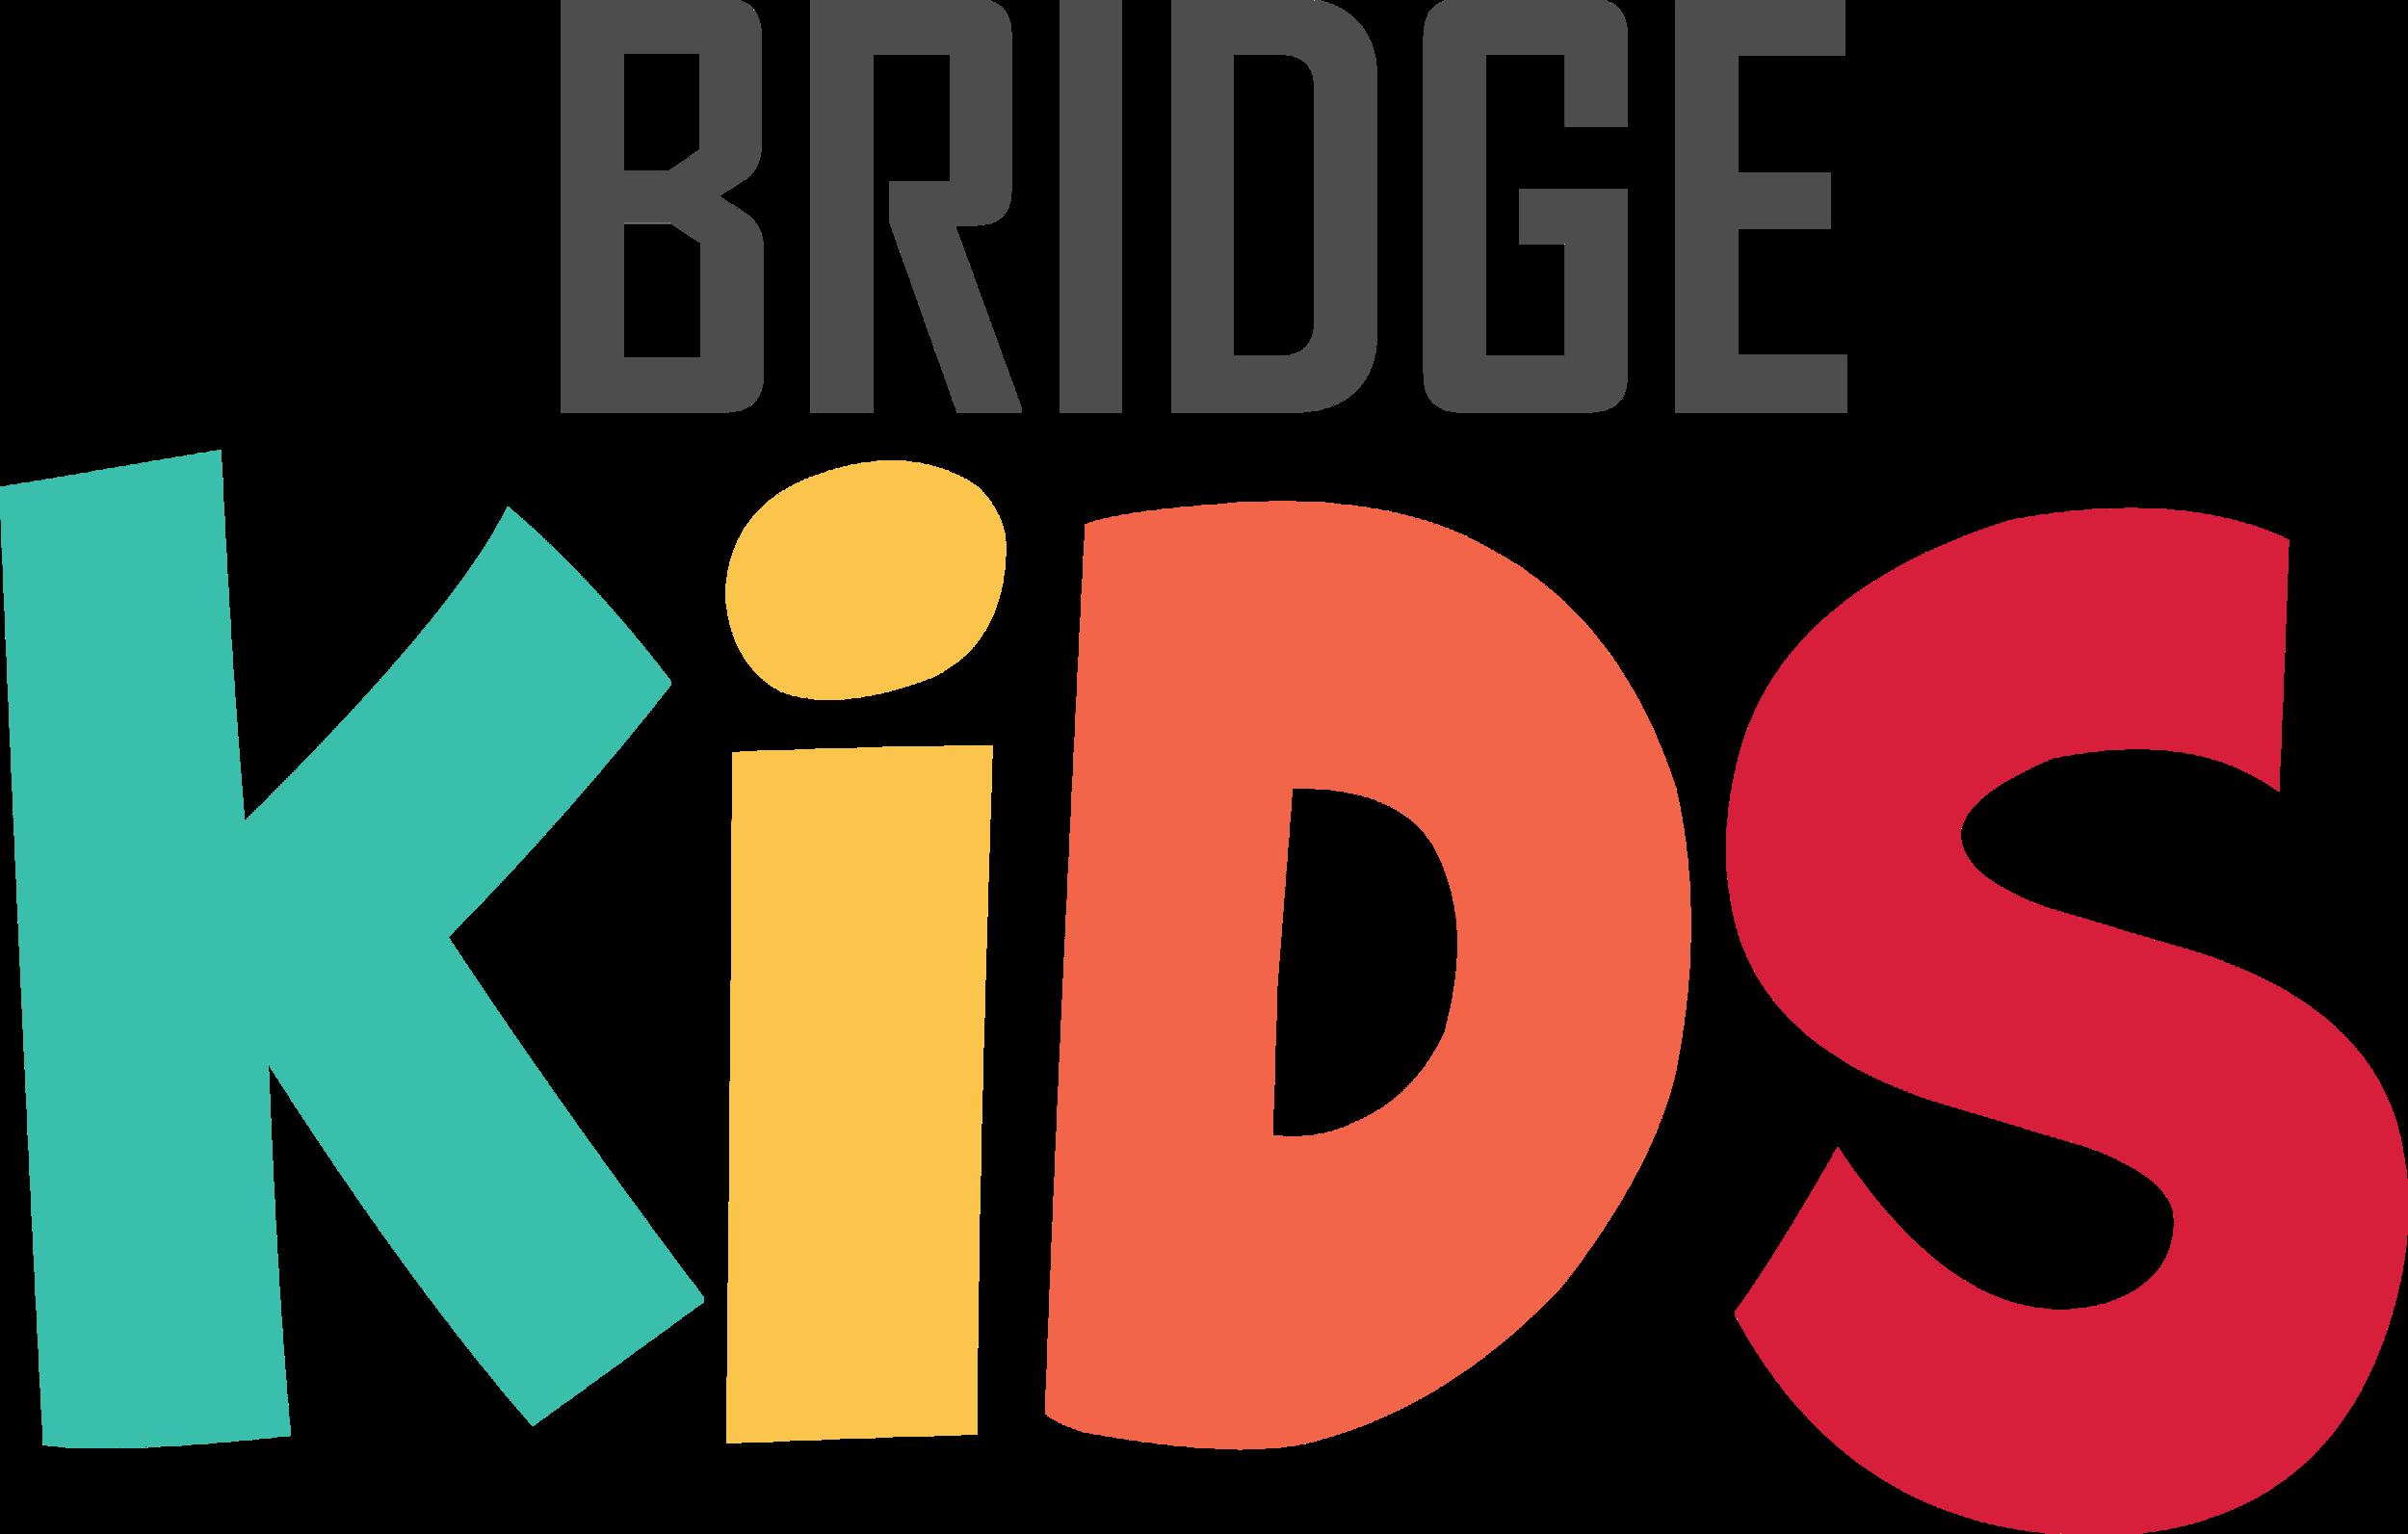 BridgeKids.png